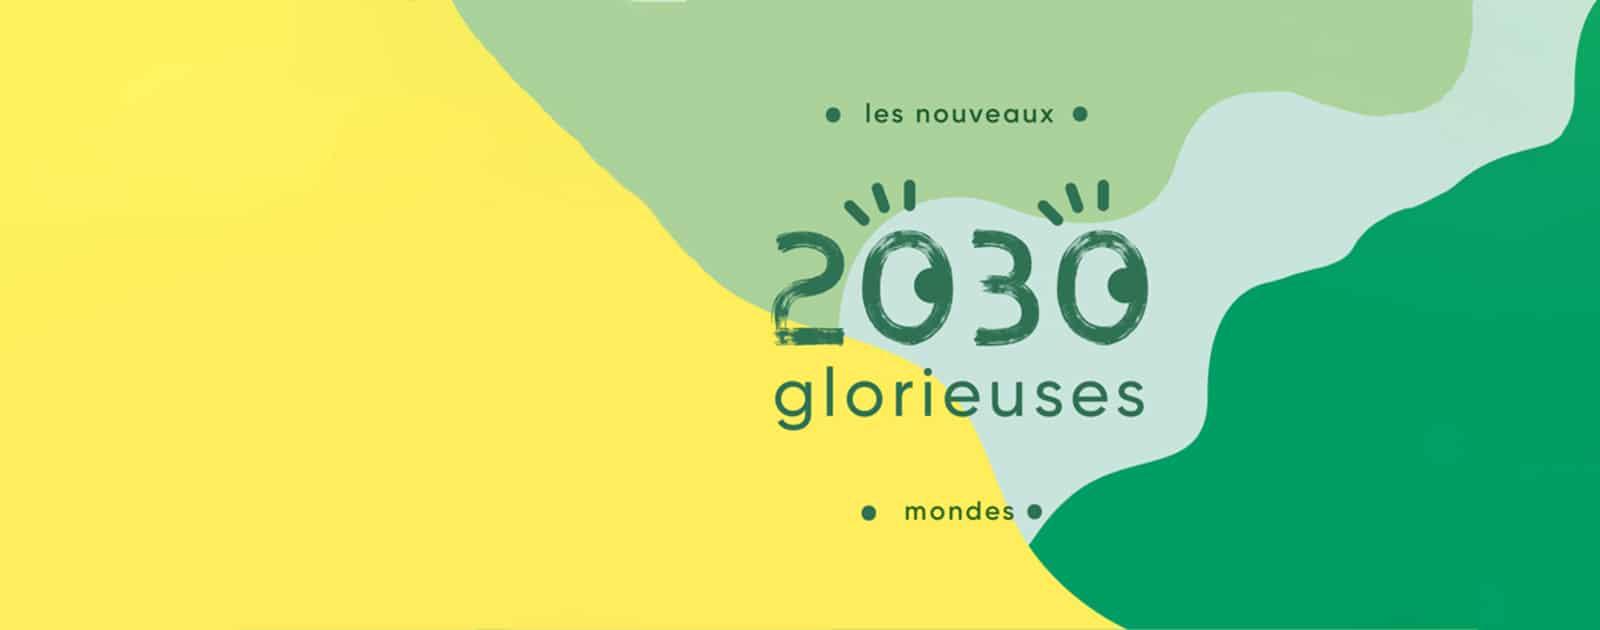 2030 glorieuses, le podcast de Julien Vidal